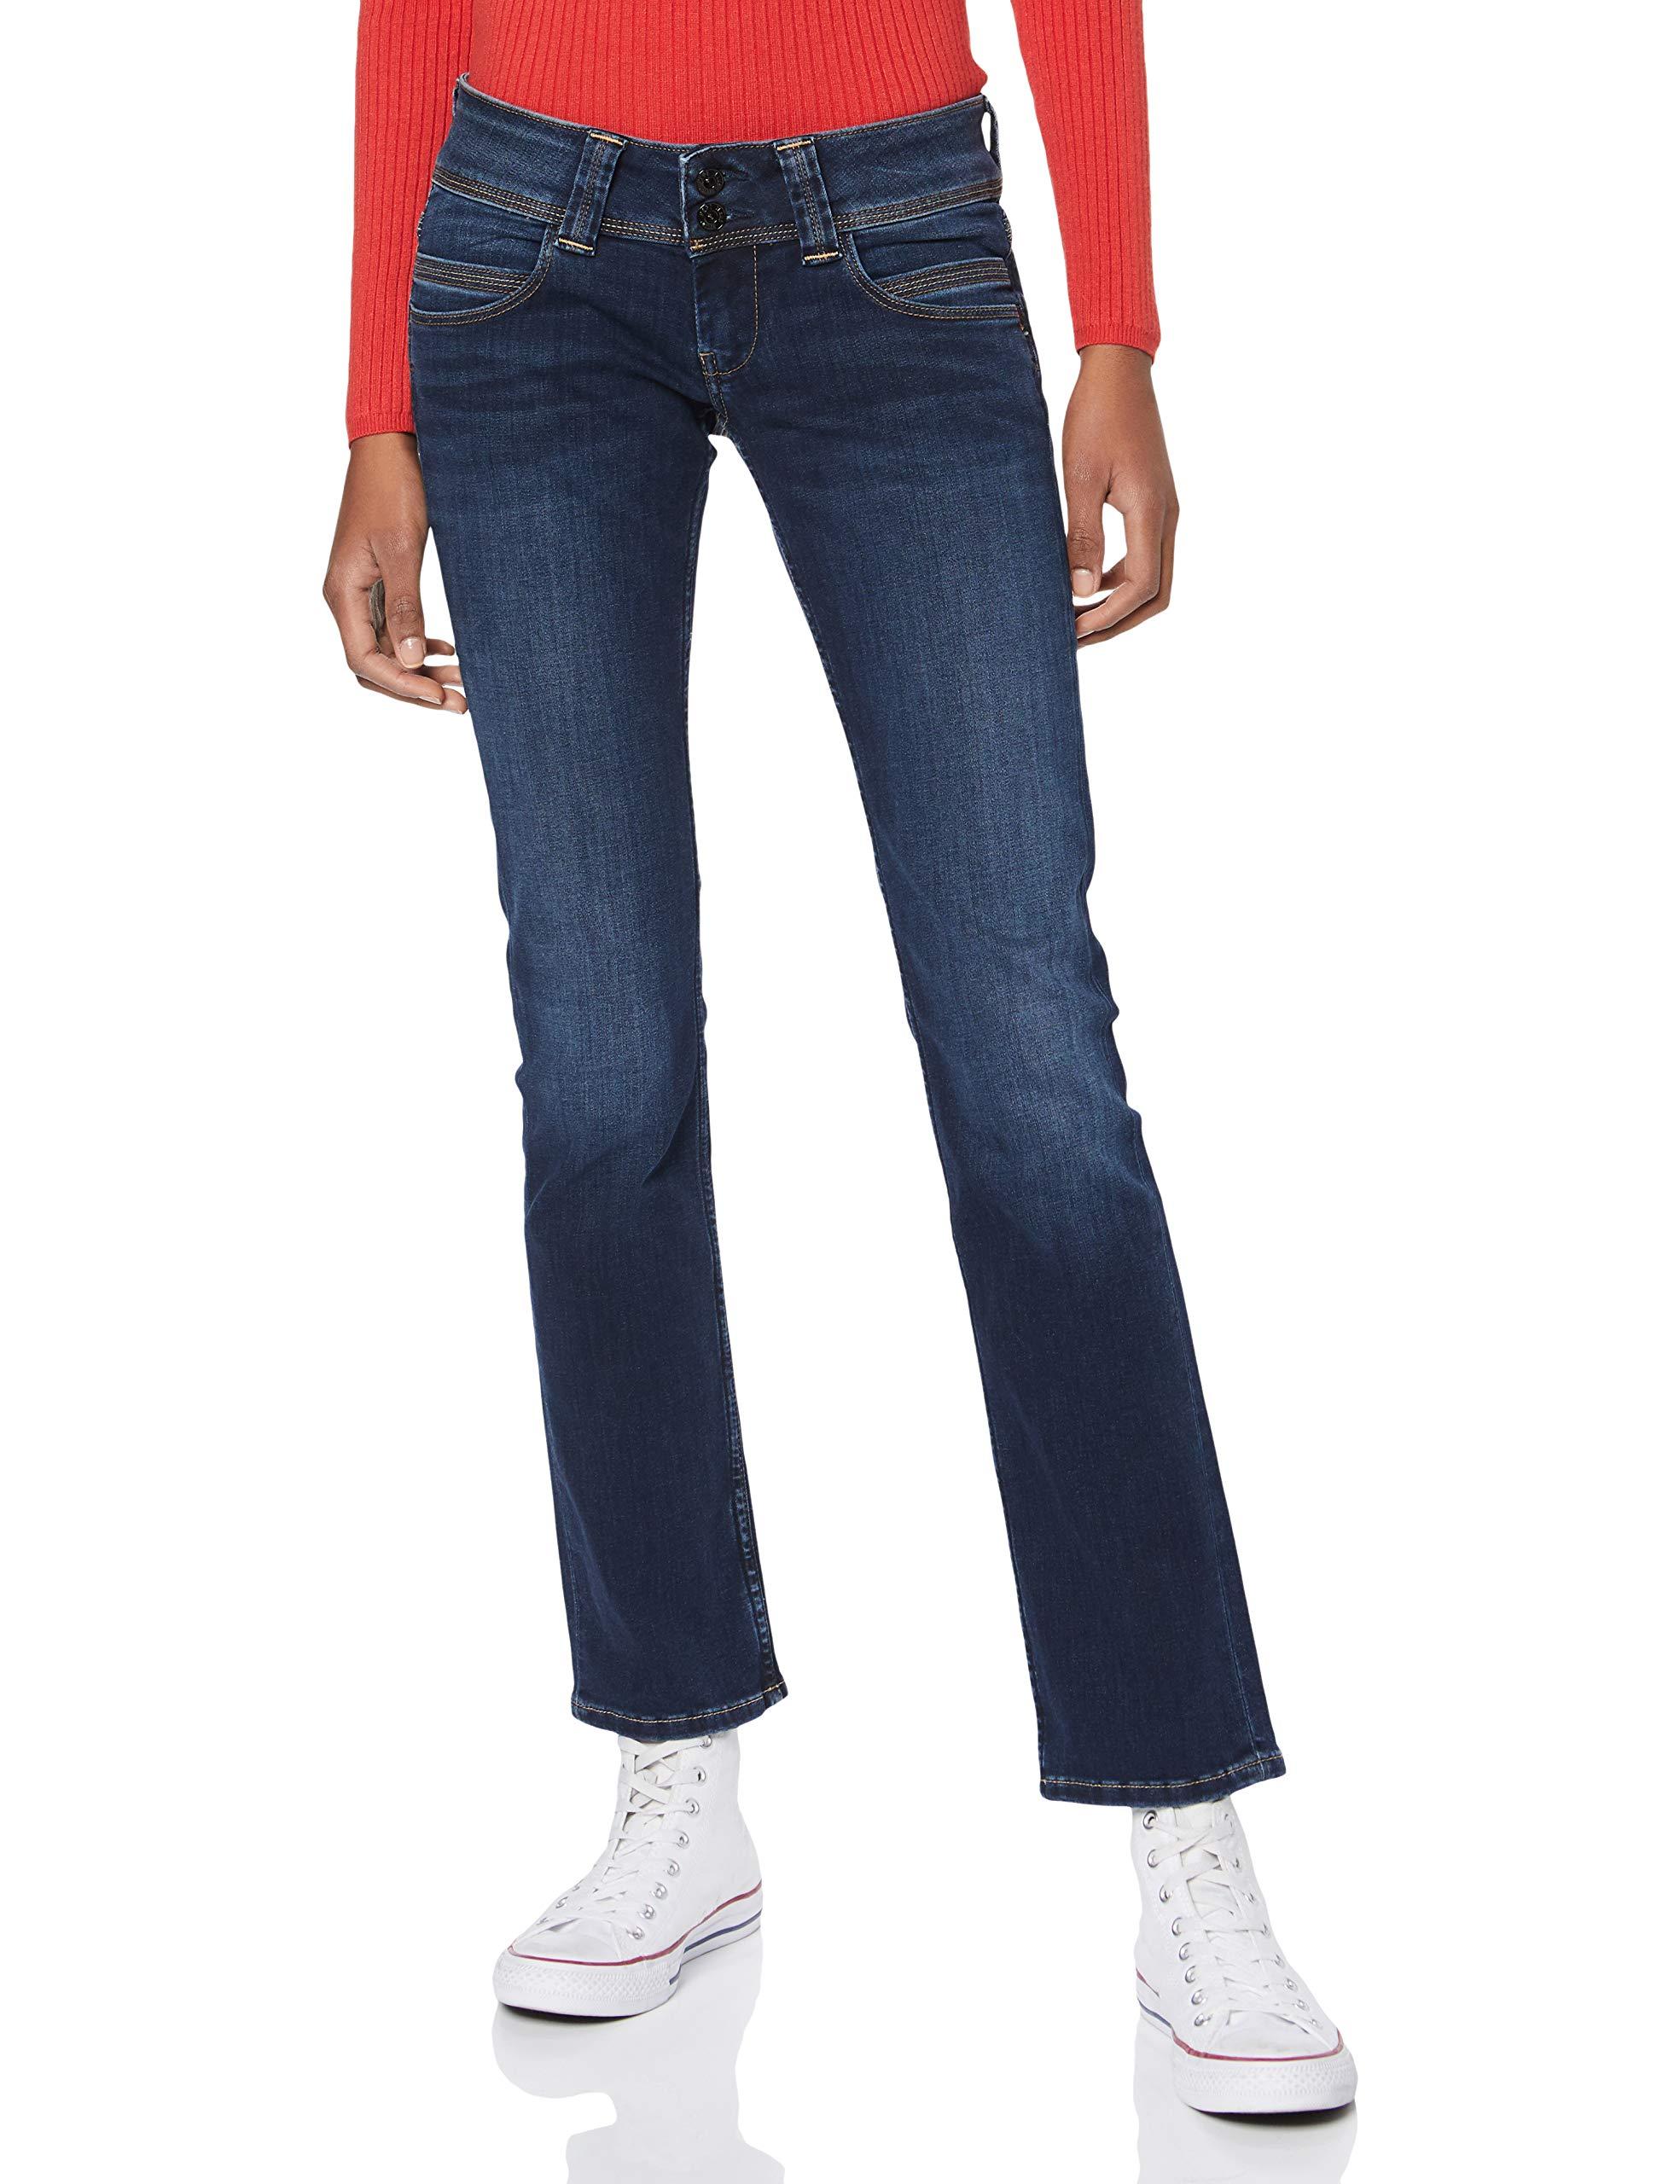 VenusJean FemmeDenim10oz Jeans Stretch Pepe Ultra Dk26w32l nwO0Pk